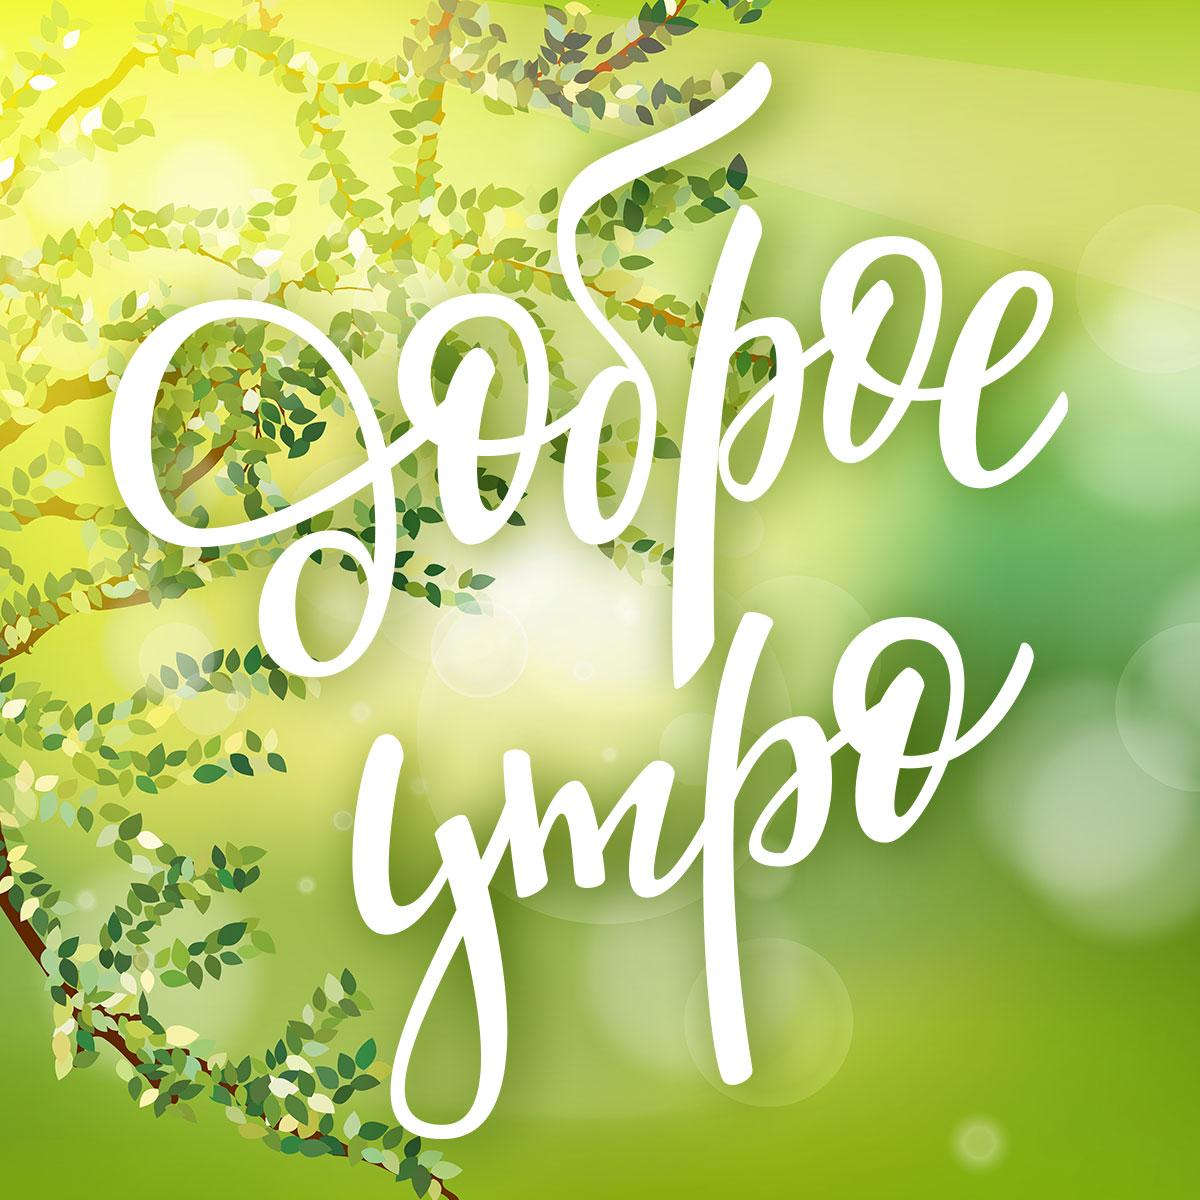 Картинка с каллиграфической надписью летнее доброе утро на зелёном фоне с ветками и листьями дерева.